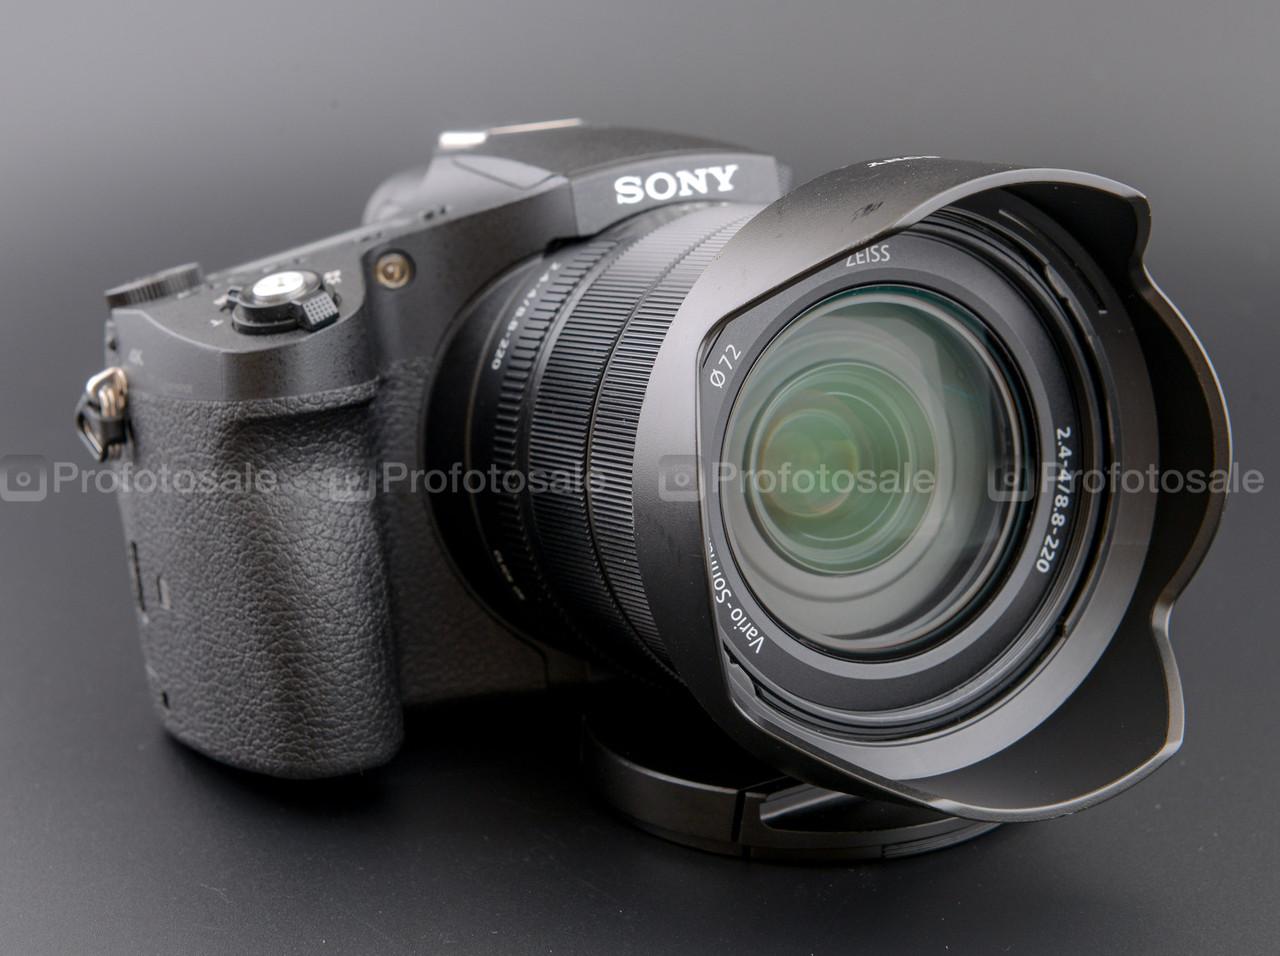 Sony RX-10 mk IV